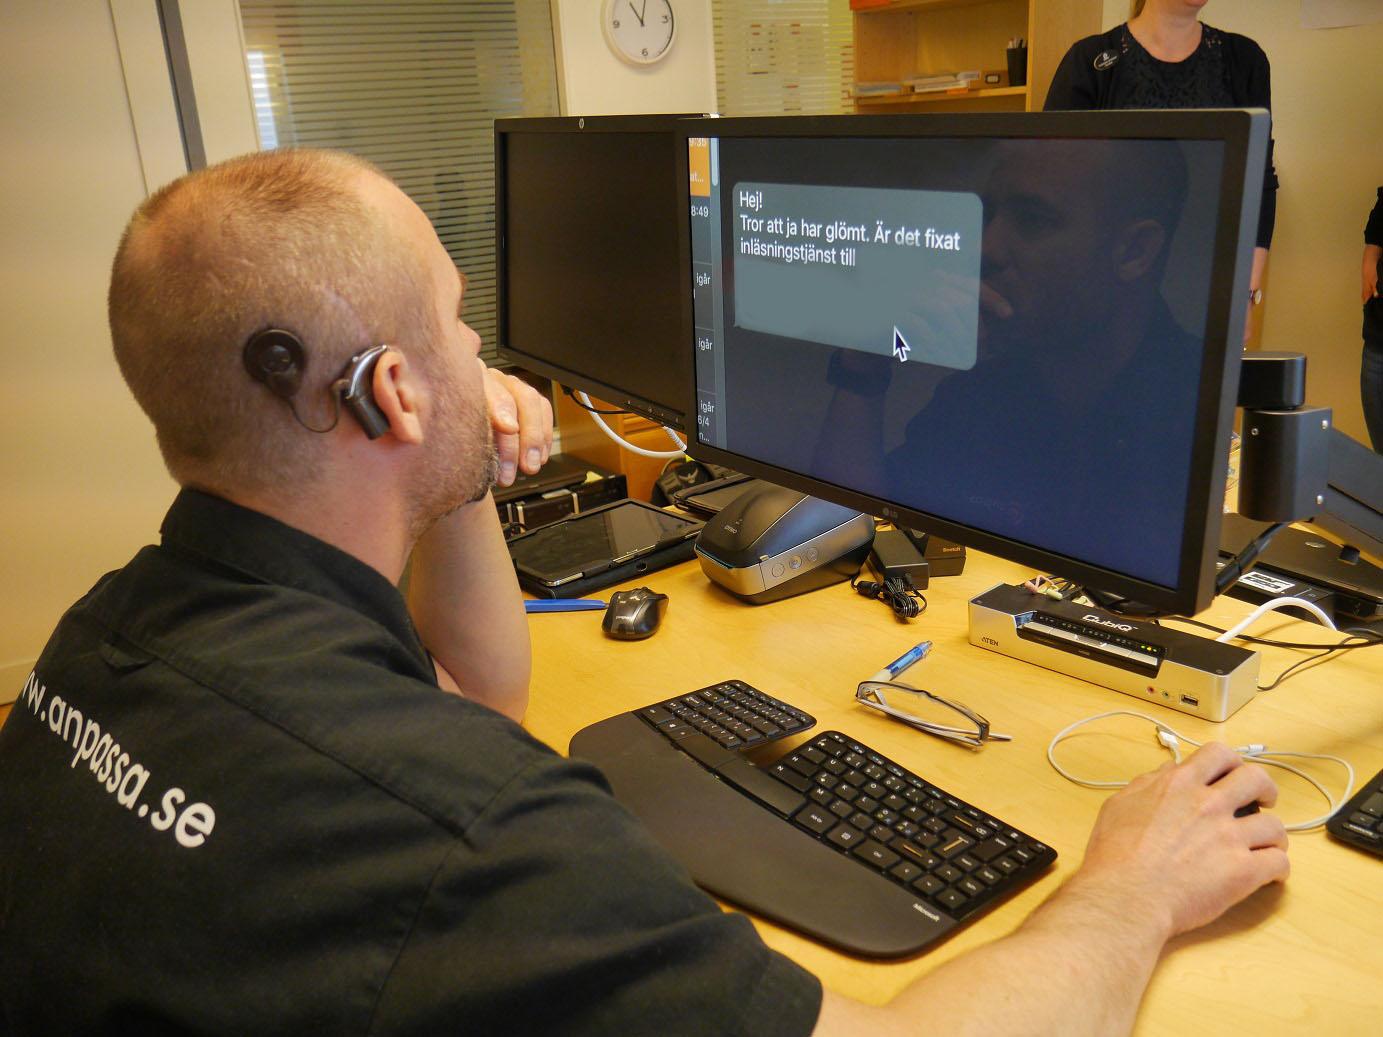 En person med dövblindhet fotad bakfirån. Han har CI och är klädd i svart tröja och sitter framför en dator med förstorad text.